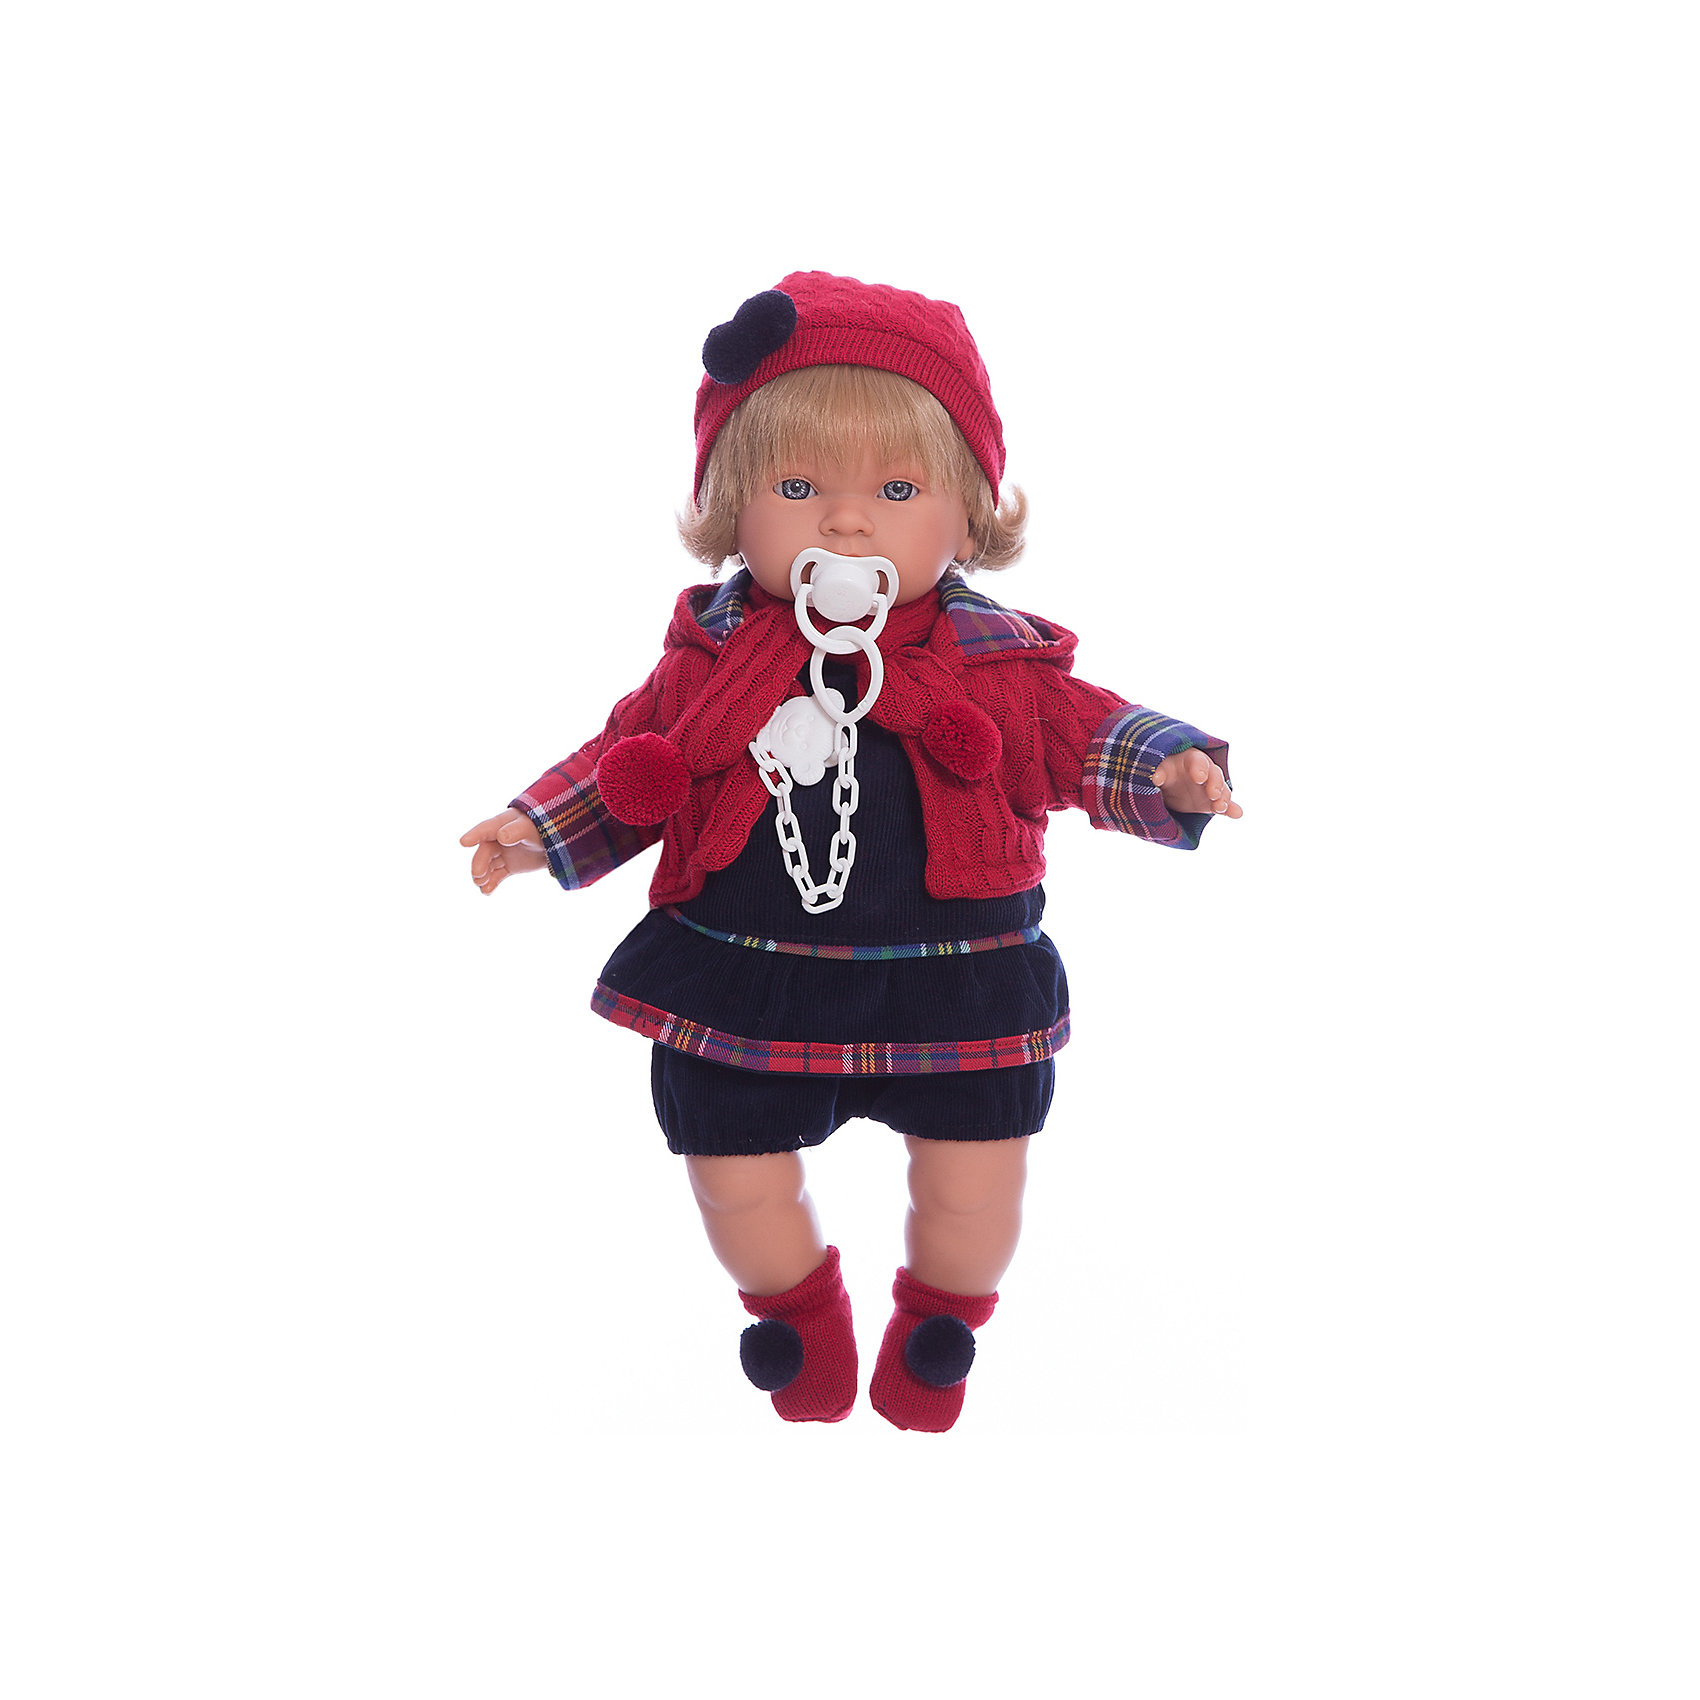 Кукла Марина, 42 см, LlorensХарактеристики:<br><br>• Предназначение: для сюжетно-ролевых игр<br>• Тип куклы: мягконабивная<br>• Пол куклы: девочка <br>• Цвет волос: блондинка<br>• Материал: поливинилхлорид, пластик, нейлон, текстиль<br>• Цвет: синий, красный<br>• Высота куклы: 42 см<br>• Комплектация: кукла, платье, курточка, шапочка, шарф, пинетки, пустышка на цепочке<br>• Вес: 1 кг 360 г<br>• Размеры упаковки (Д*В*Ш): 23*45*12 см<br>• Упаковка: подарочная картонная коробка <br>• Особенности ухода: допускается деликатная стирка без использования красящих и отбеливающих средств предметов одежды куклы<br><br>Кукла Марина 42 см без звука – кукла, производителем которого является всемирно известный испанский кукольный бренд Llorens. Куклы этой торговой марки имеют свою неповторимую внешность и целую линейку образов как пупсов, так и кукол-малышей. Игрушки выполнены из сочетания поливинилхлорида и пластика, что позволяет с высокой долей достоверности воссоздать физиологические и мимические особенности маленьких детей. При изготовлении кукол Llorens используются только сертифицированные материалы, безопасные и не вызывающие аллергических реакций. Волосы у кукол отличаются густотой, шелковистостью и блеском, при расчесывании они не выпадают и не ломаются.<br>Кукла Марина 42 см без звука выполнена в образе малышки: у нее светлые волосы до плеч и голубые глаза. Яркий комплект осенней одежды Марины состоит из вельветового платьица темно-синего цвета, курточки, вязаных с одинаковым рисунком шапочки и шарфа, но ножках – носочки с помпонами. У малышки имеется соска на цепочке-держателе. <br>Кукла Марина 42 см без звука – это идеальный вариант для подарка к различным праздникам и торжествам.<br><br>Куклу Марину 42 см без звука можно купить в нашем интернет-магазине.<br><br>Ширина мм: 23<br>Глубина мм: 45<br>Высота мм: 12<br>Вес г: 1360<br>Возраст от месяцев: 36<br>Возраст до месяцев: 84<br>Пол: Женский<br>Возраст: Детский<br>SKU: 5086914